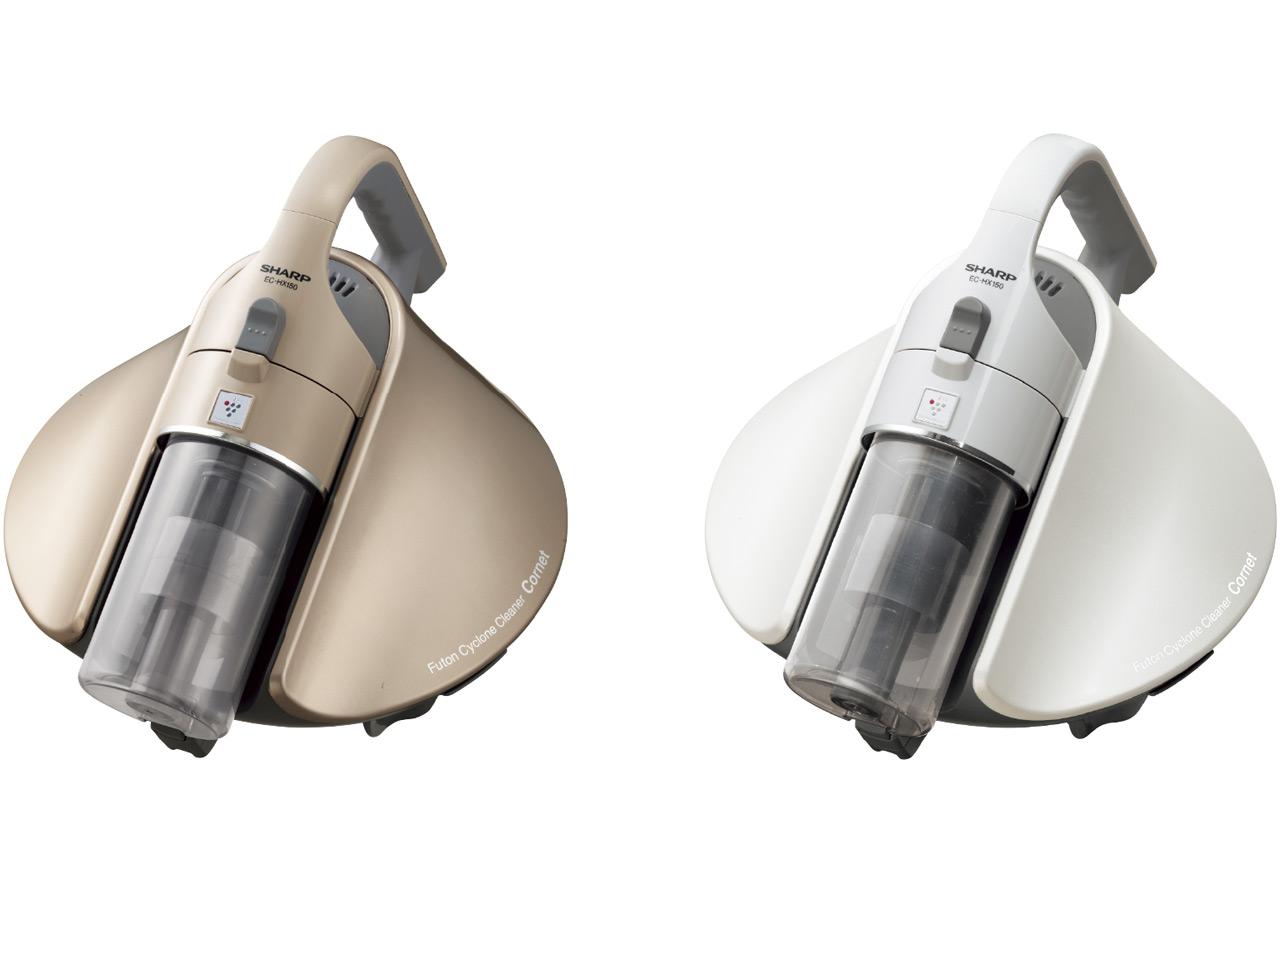 『カラーバリエーション』 Cornet EC-HX150-W [ホワイト系] の製品画像